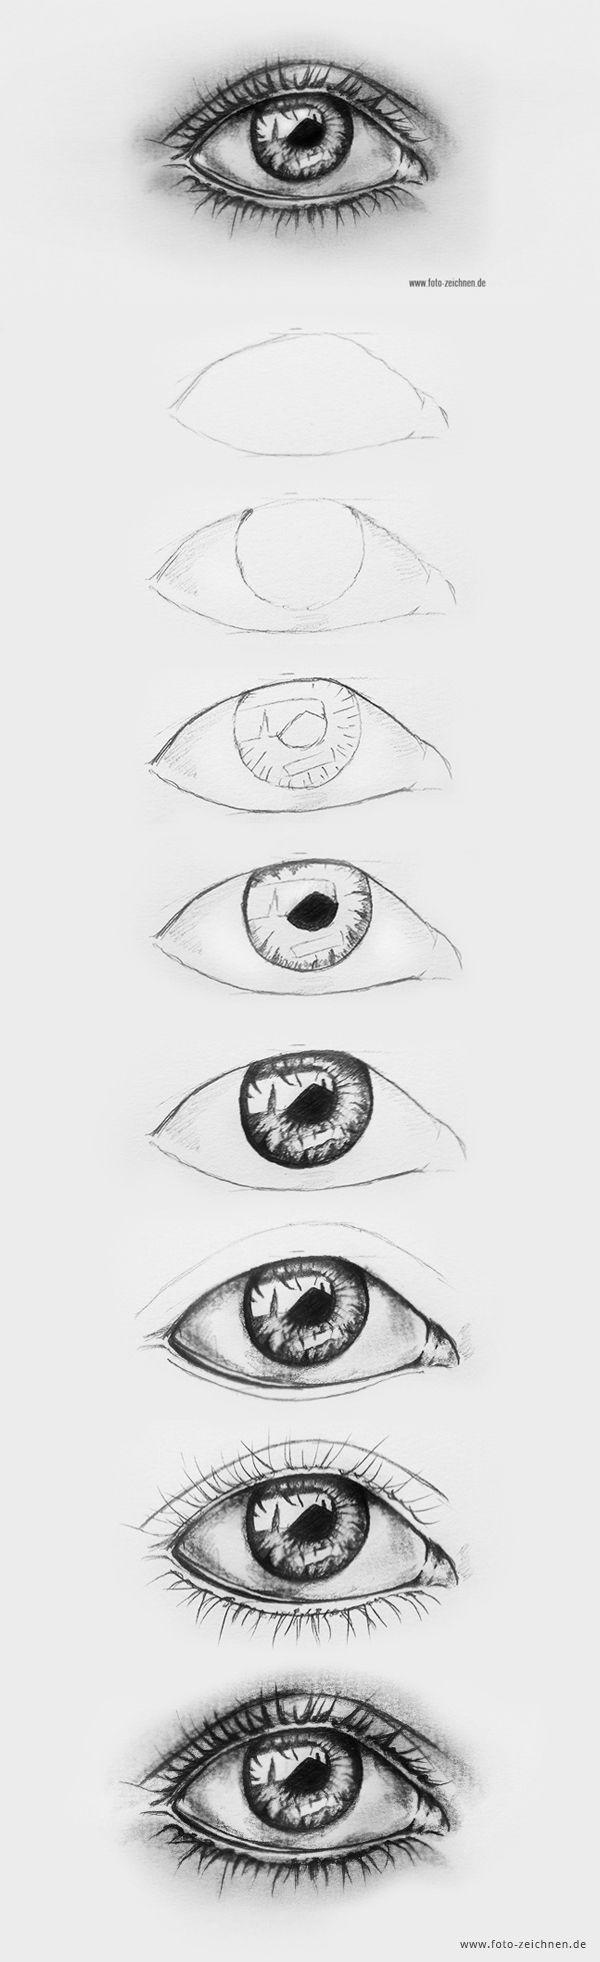 Augen Zeichnen Lernen Schritt Fur Schritt Tutorial Augen Zeichnen Zeichnen Anleitung Augen Malen